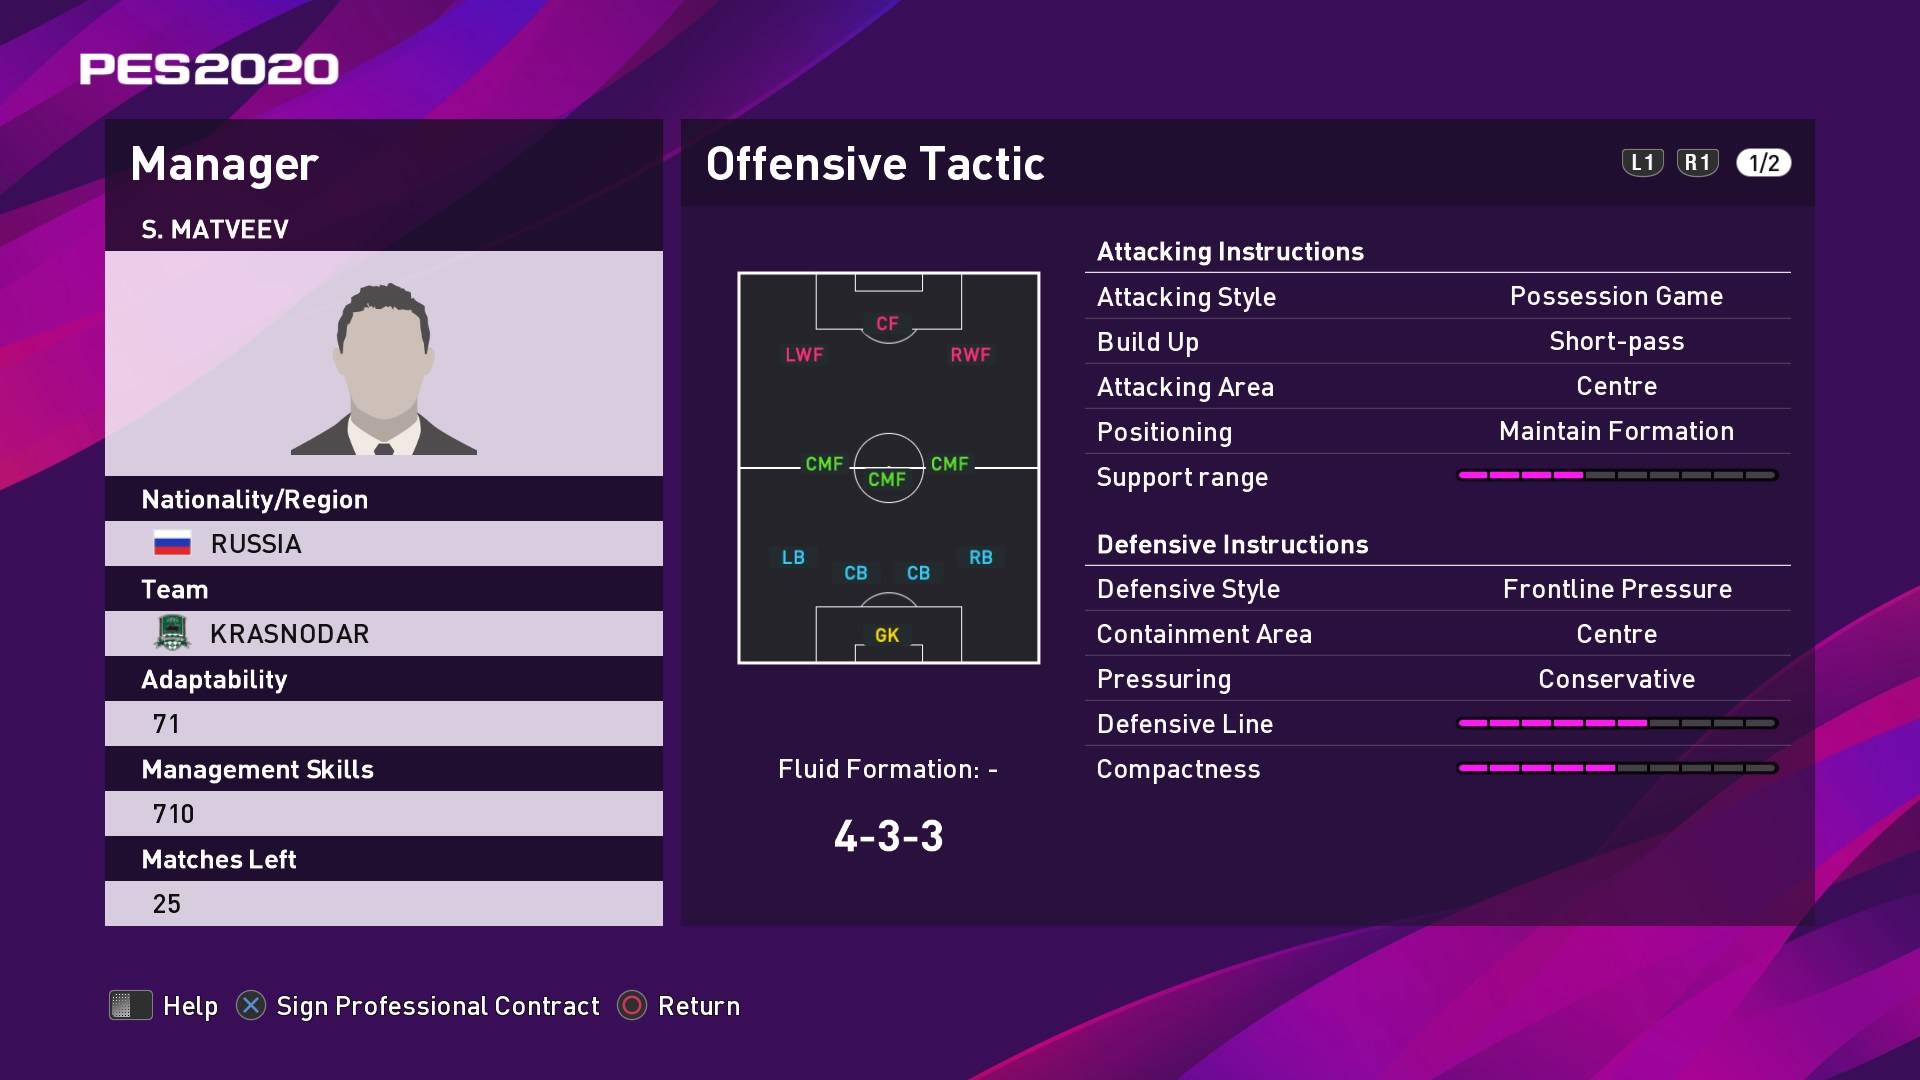 S. Matveev (Sergey Matveyev) Offensive Tactic in PES 2020 myClub